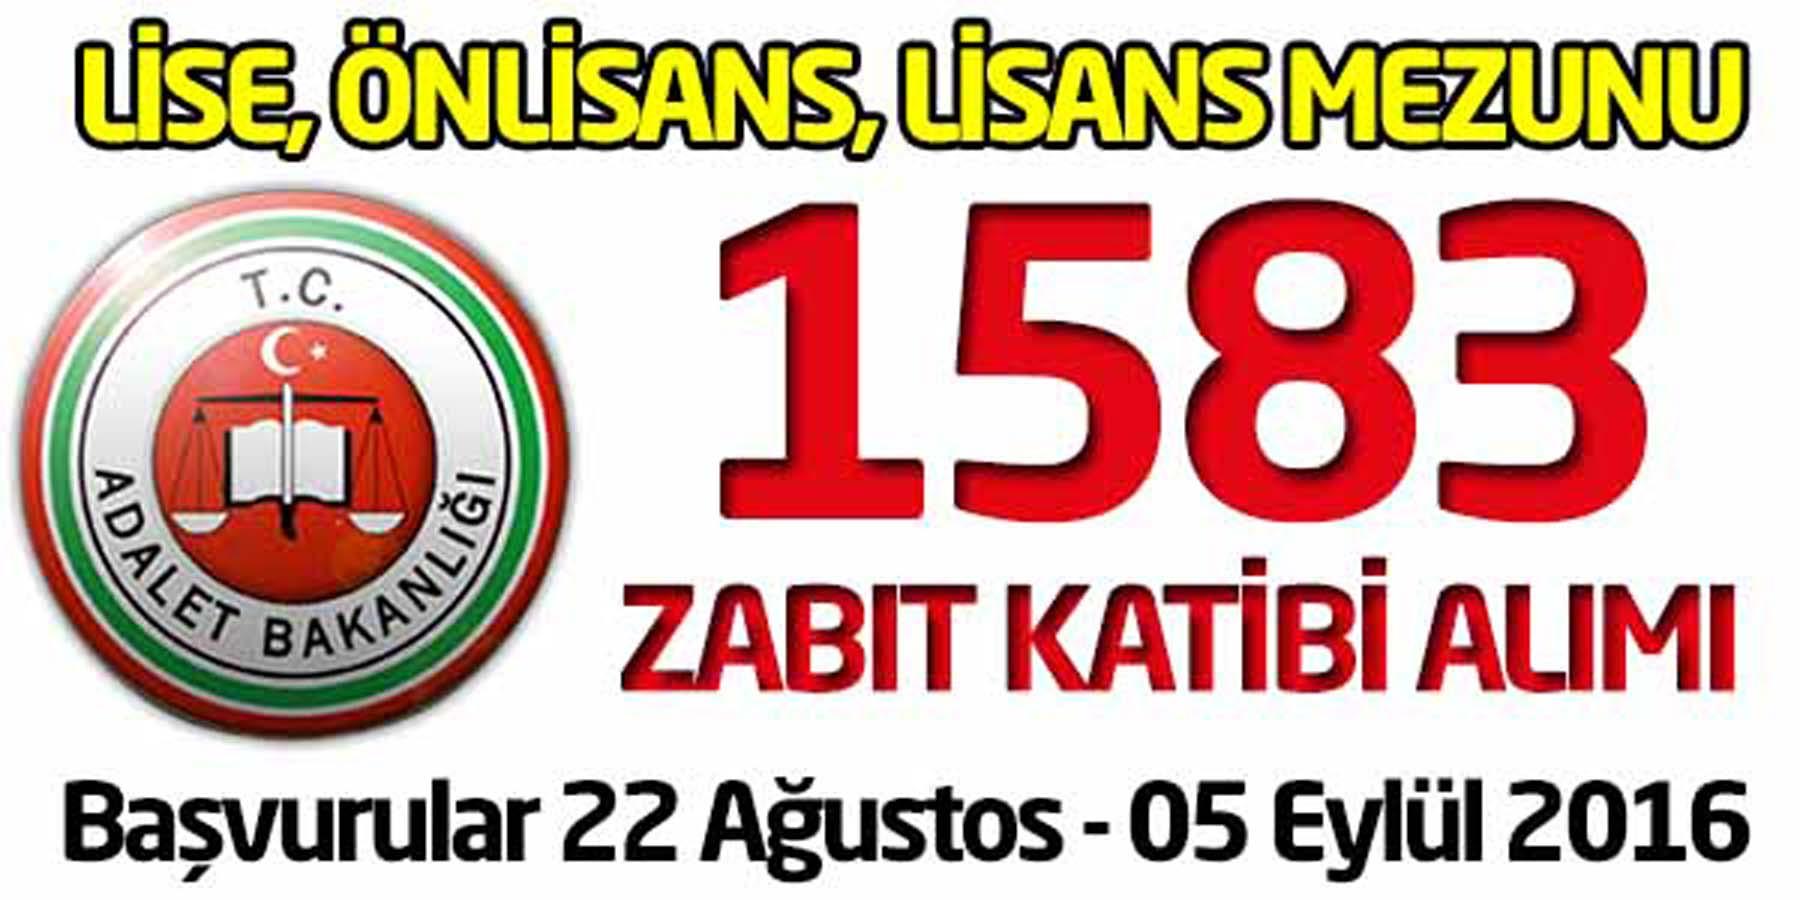 Adalet Bakanlığı 1583 Zabıt Katibi Alımı